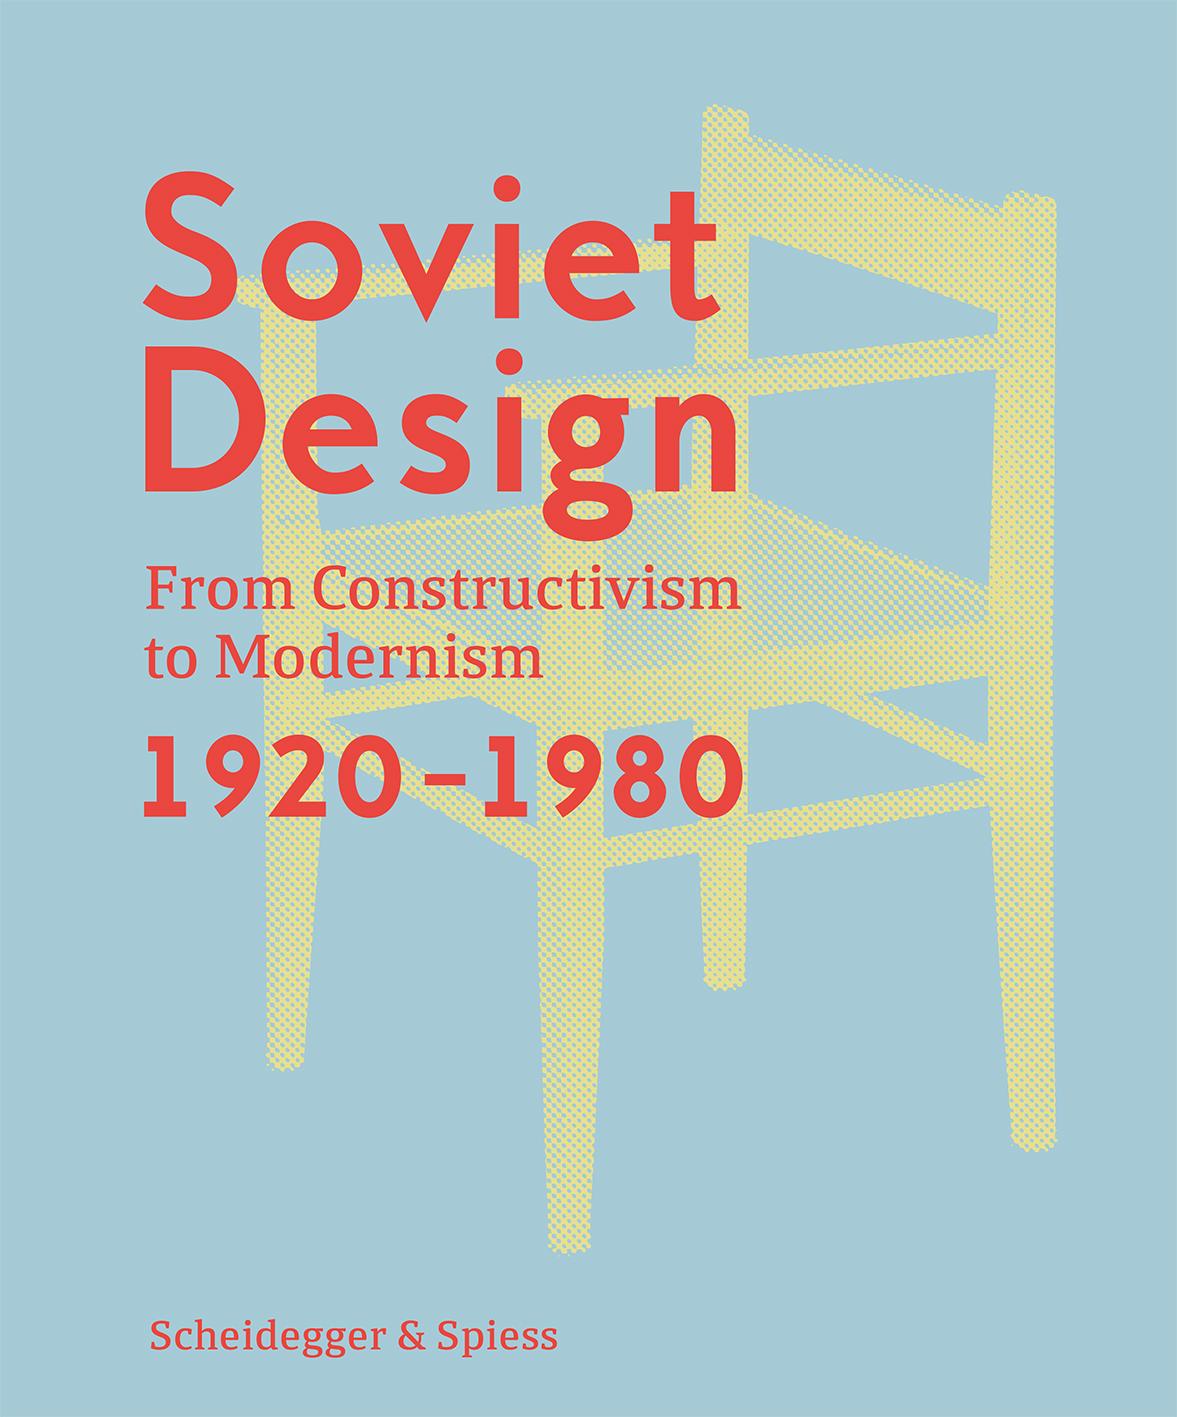 Soviet_Design_Dusk_Jacket.indd